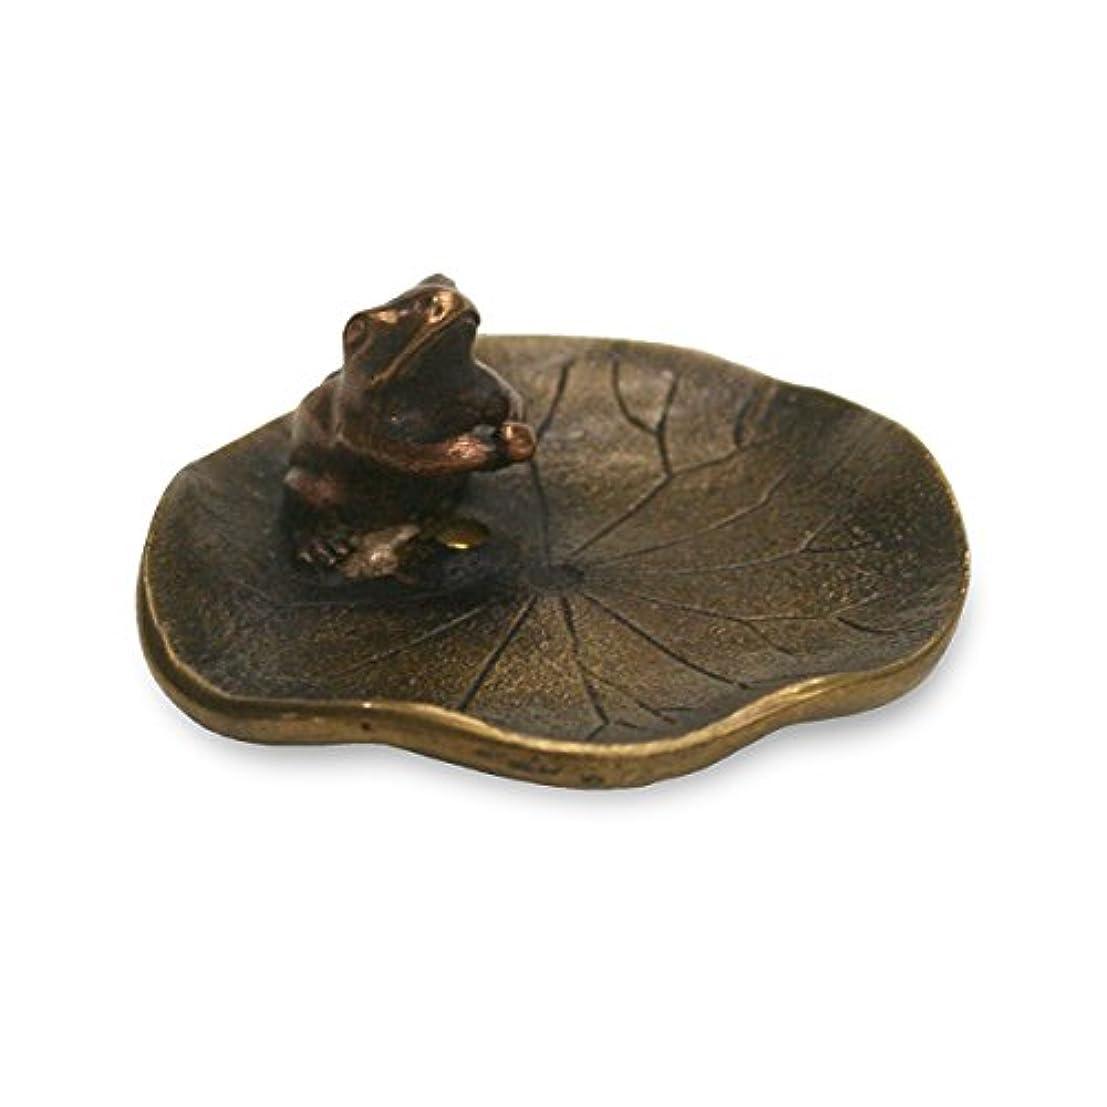 シャーロットブロンテ熱帯の任意香立?香皿 蓮に蛙 香立て 小 銅製